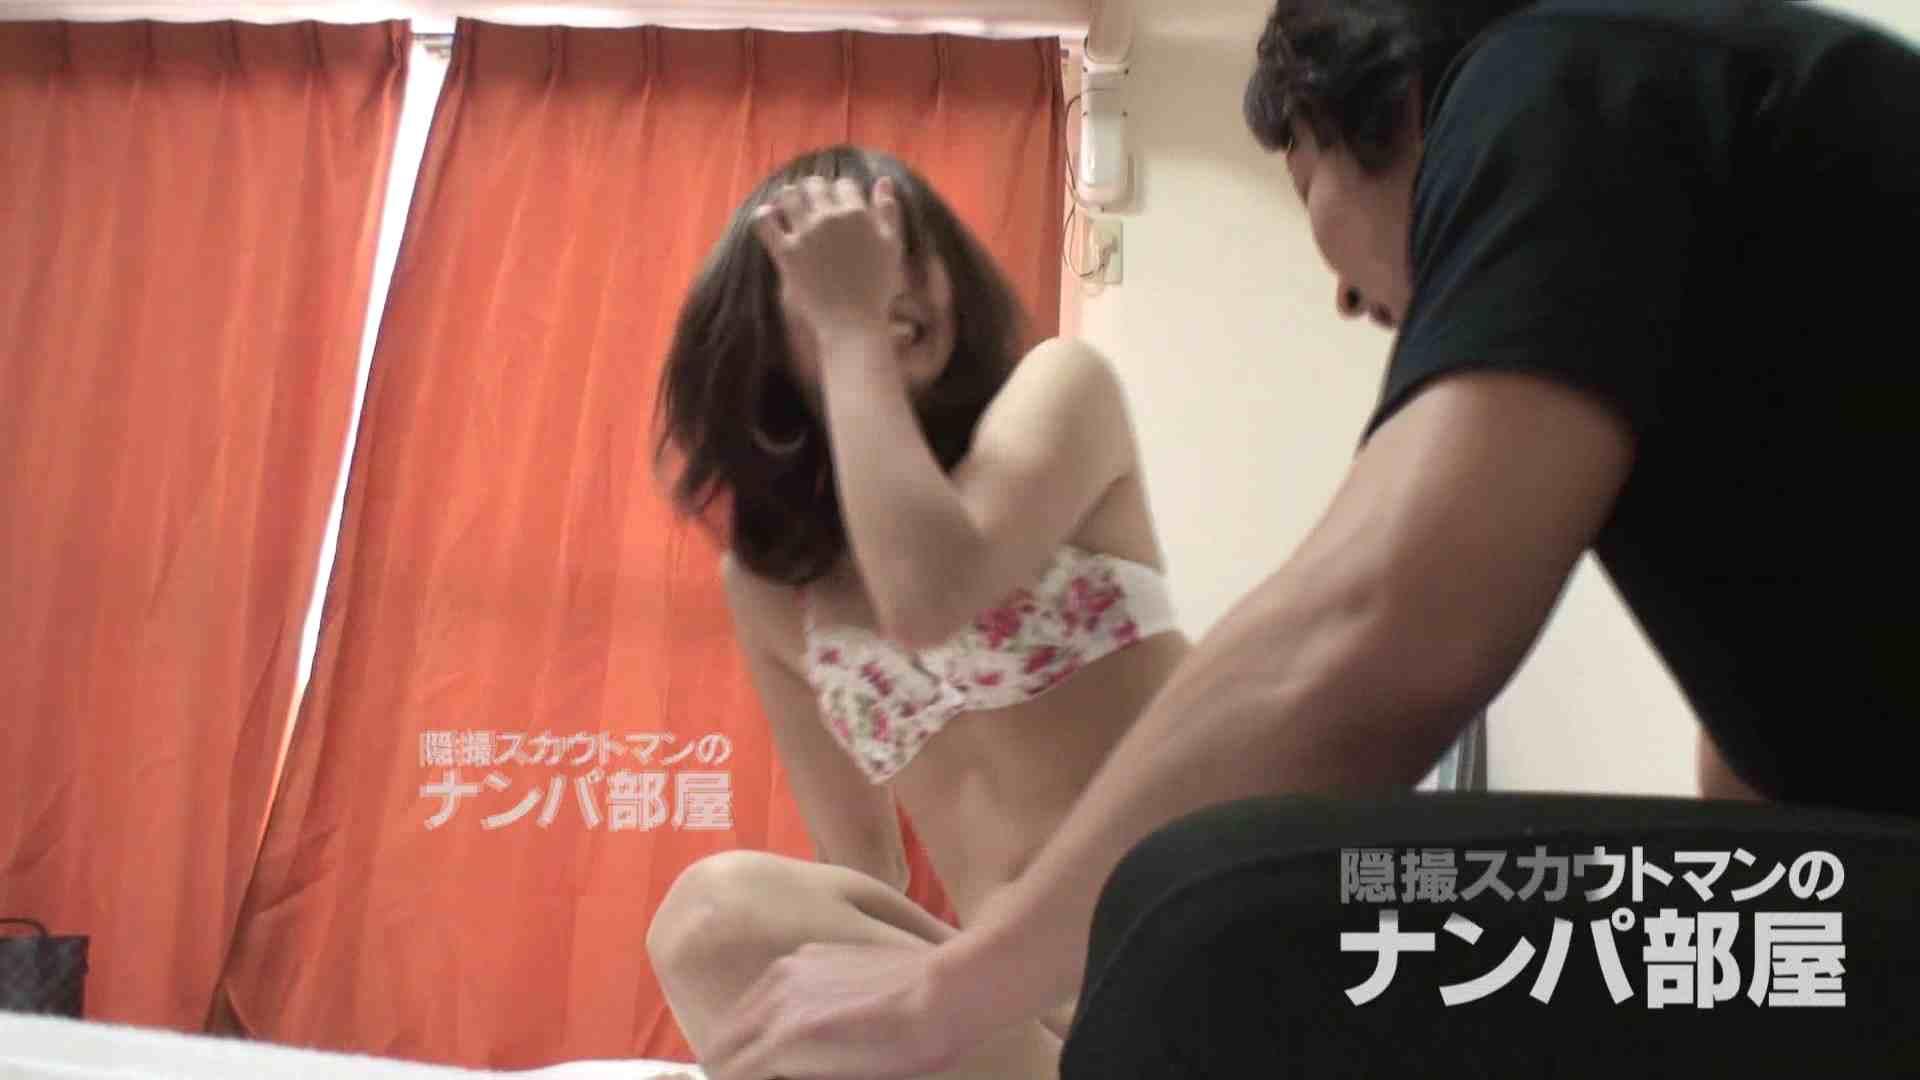 隠撮スカウトマンのナンパ部屋~風俗デビュー前のつまみ食い~ siivol.2 ナンパ AV無料 81PIX 47